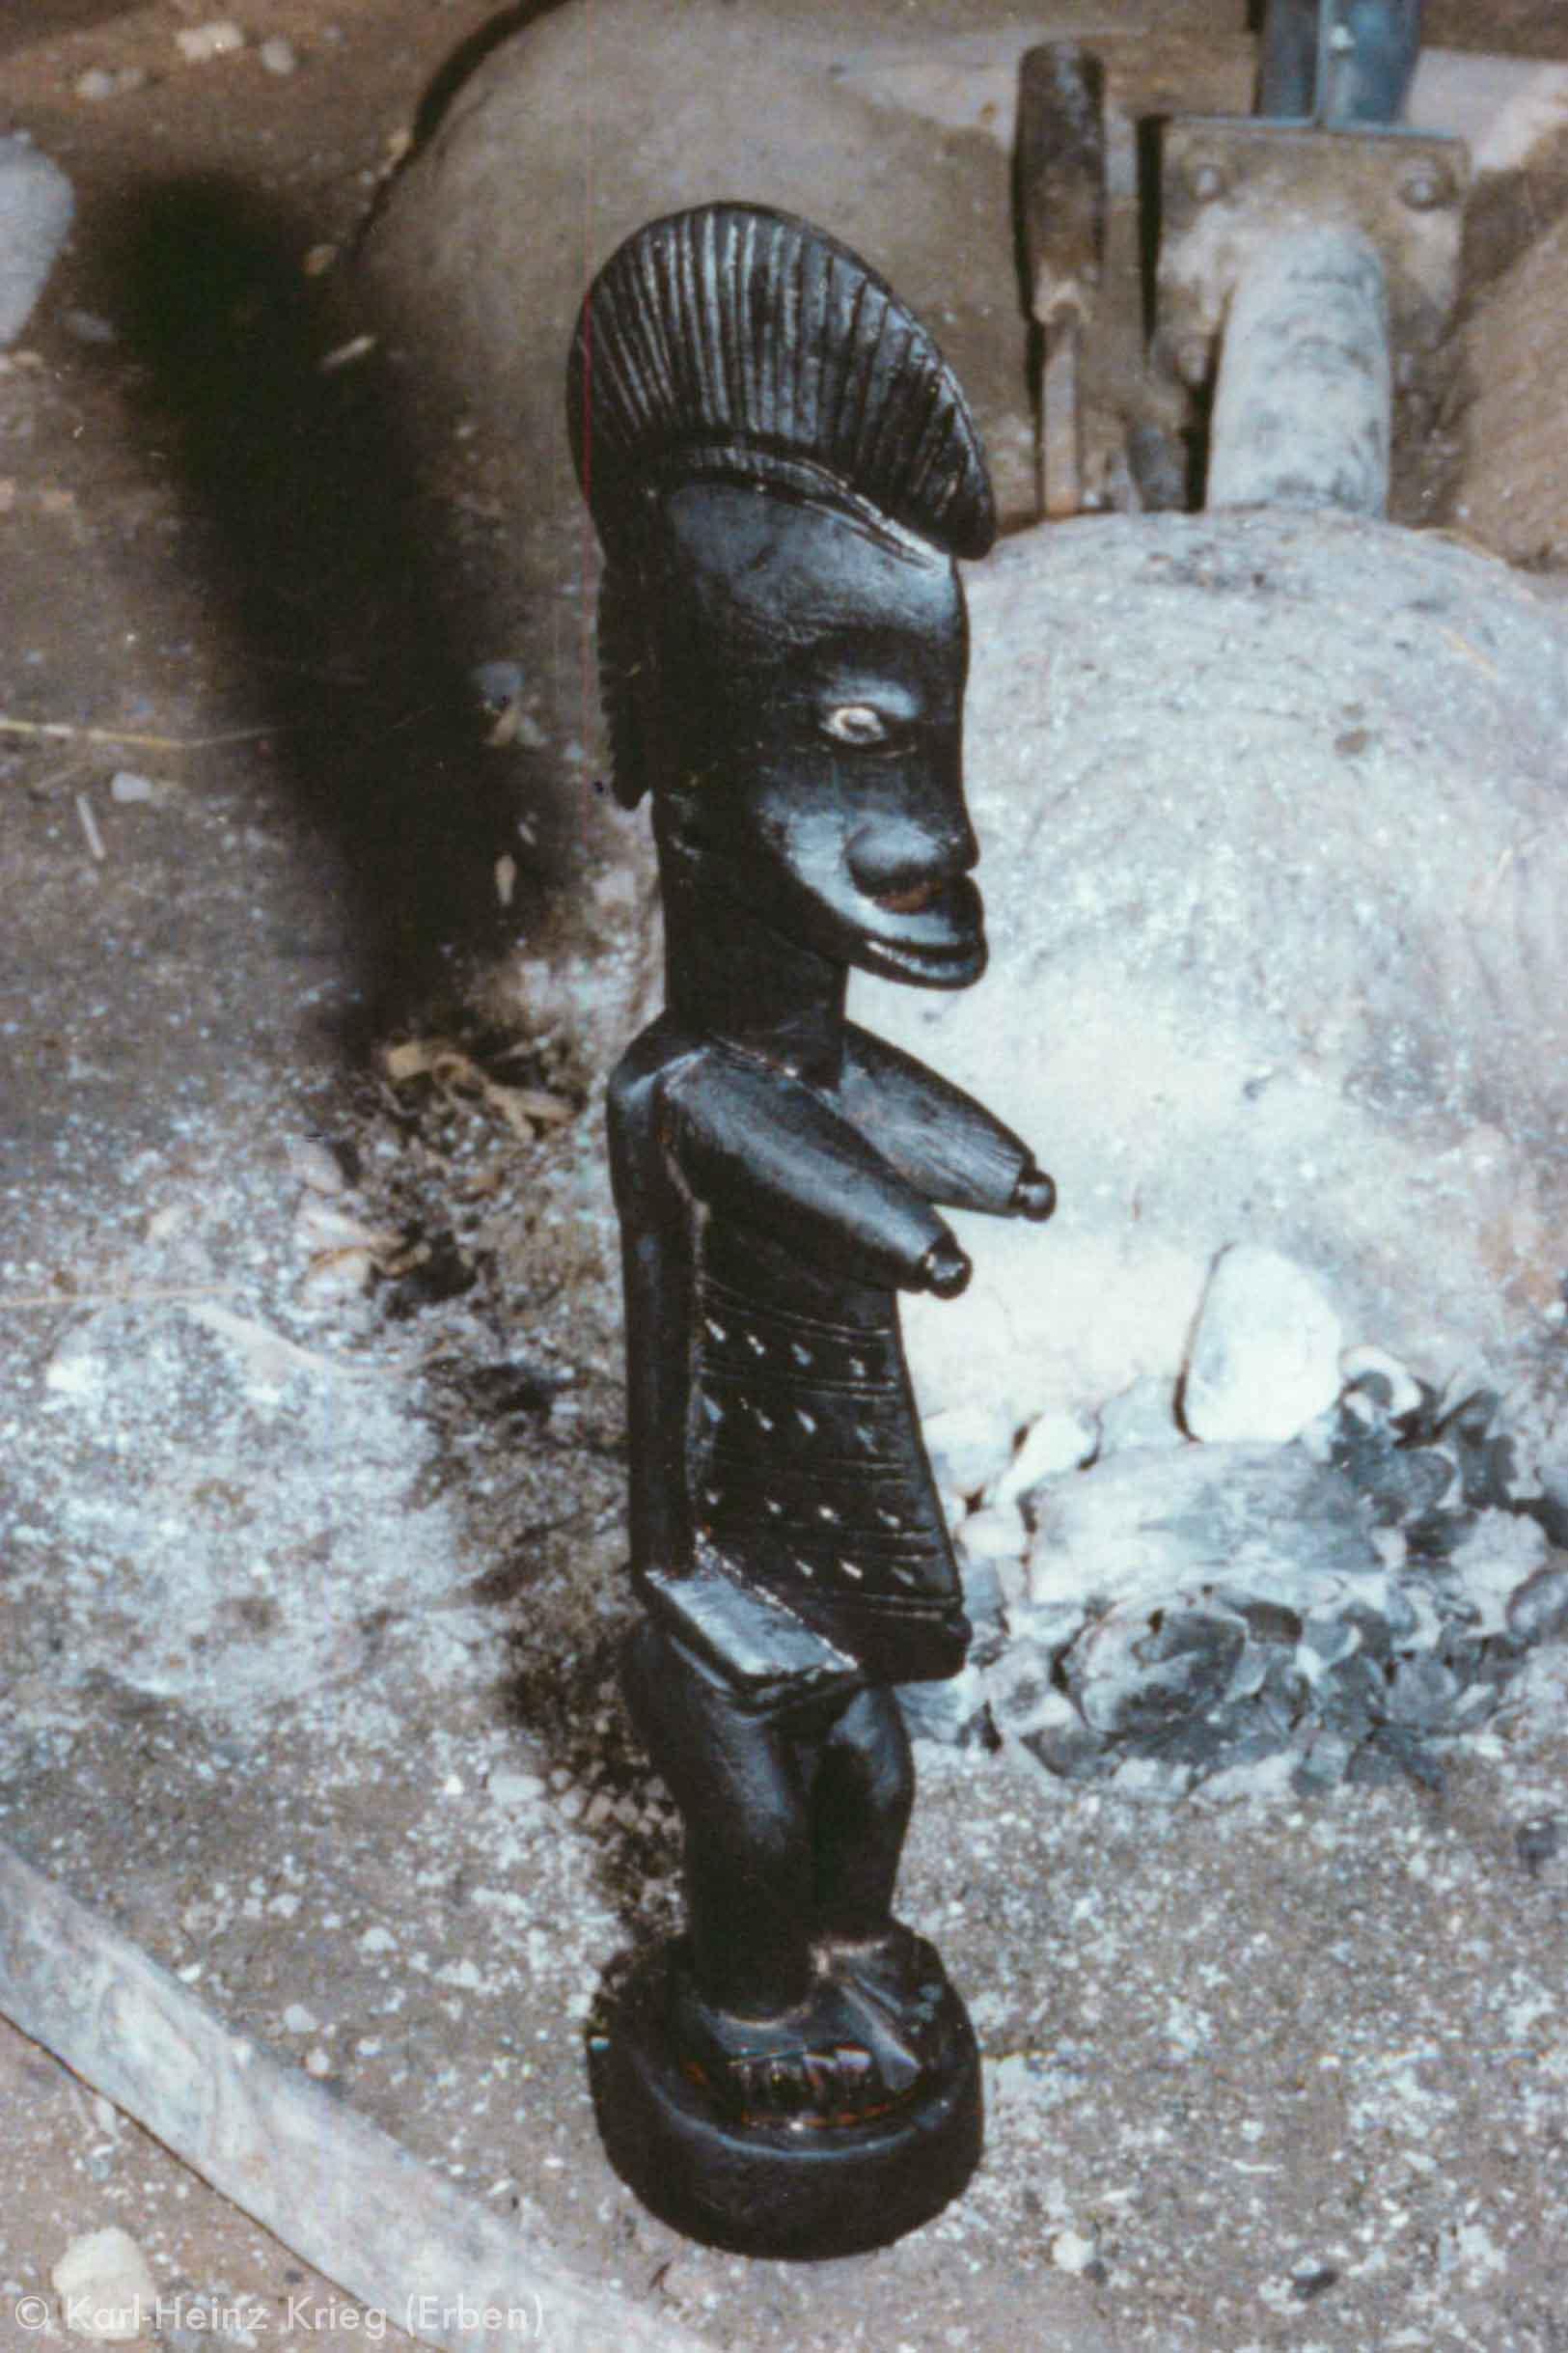 Figure by Tinnin Fané. Photo: Karl-Heinz Krieg, Fakola (Mali), 1981